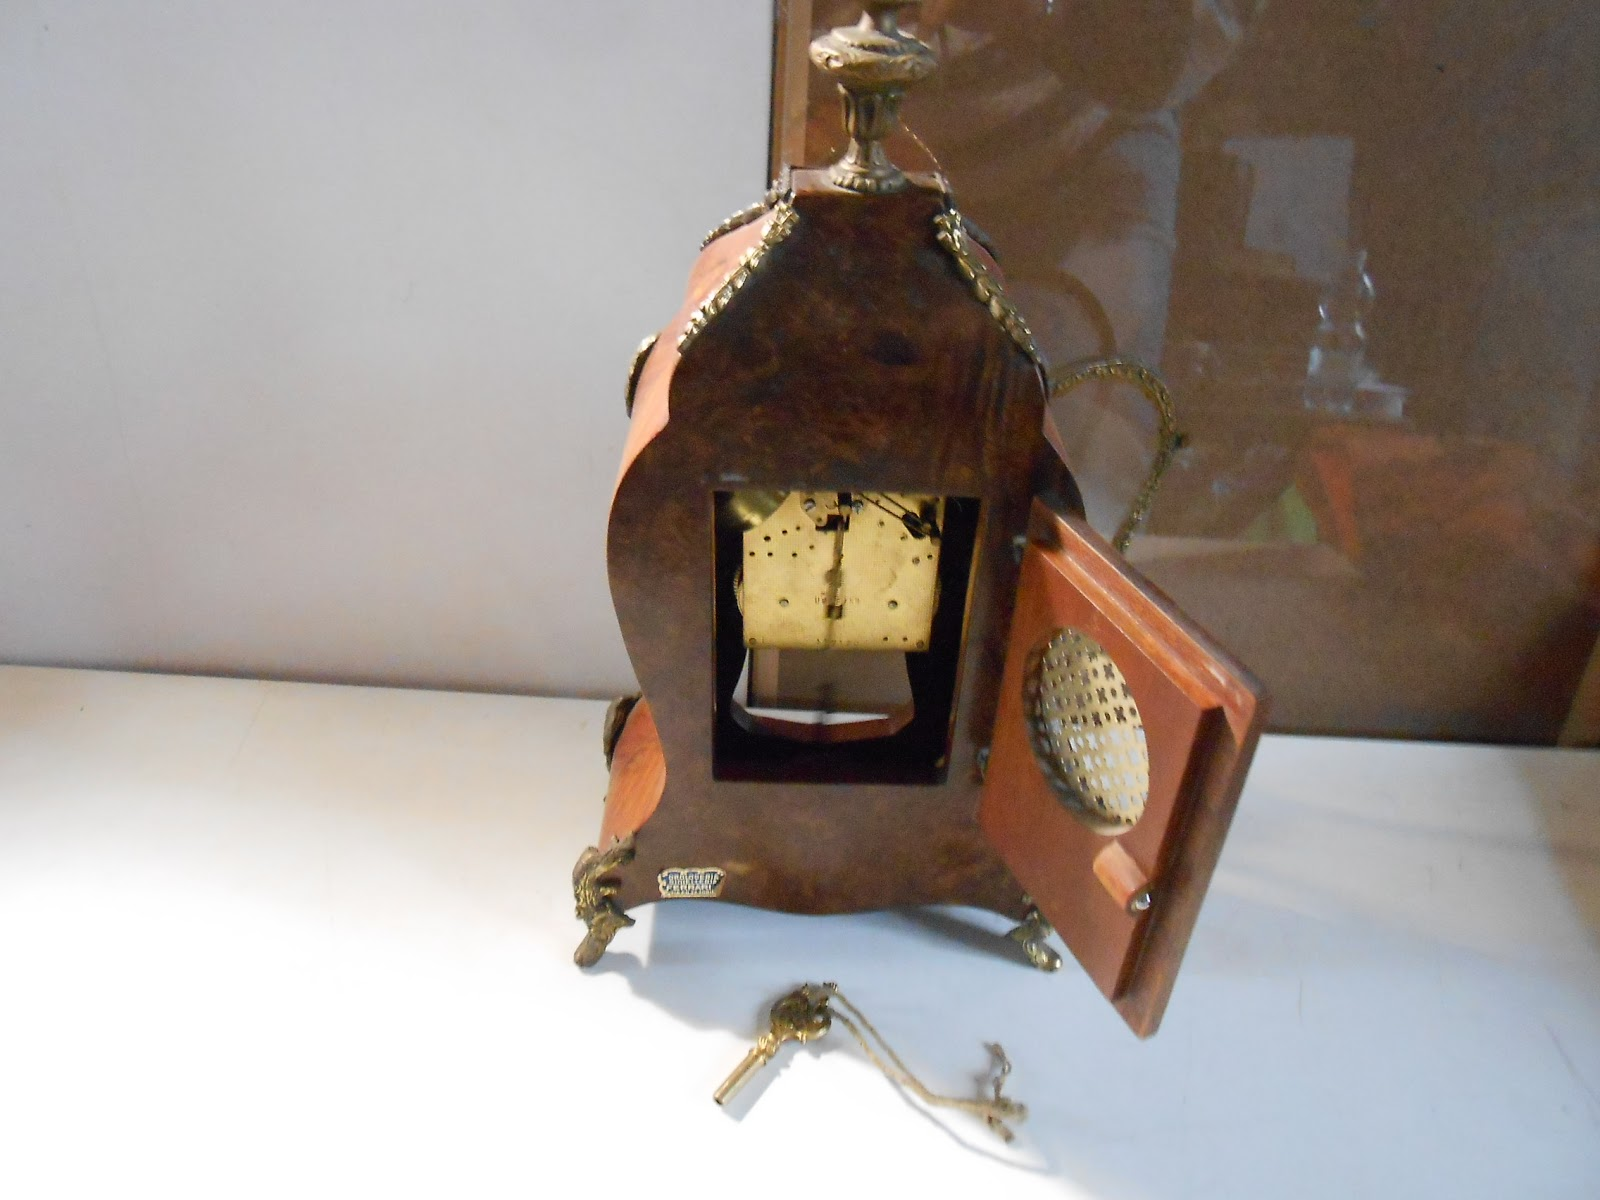 Orologio a pendolo da tavolo ligneo con inserti in bronzo continua a legger ebay - Orologio a pendolo da tavolo ...